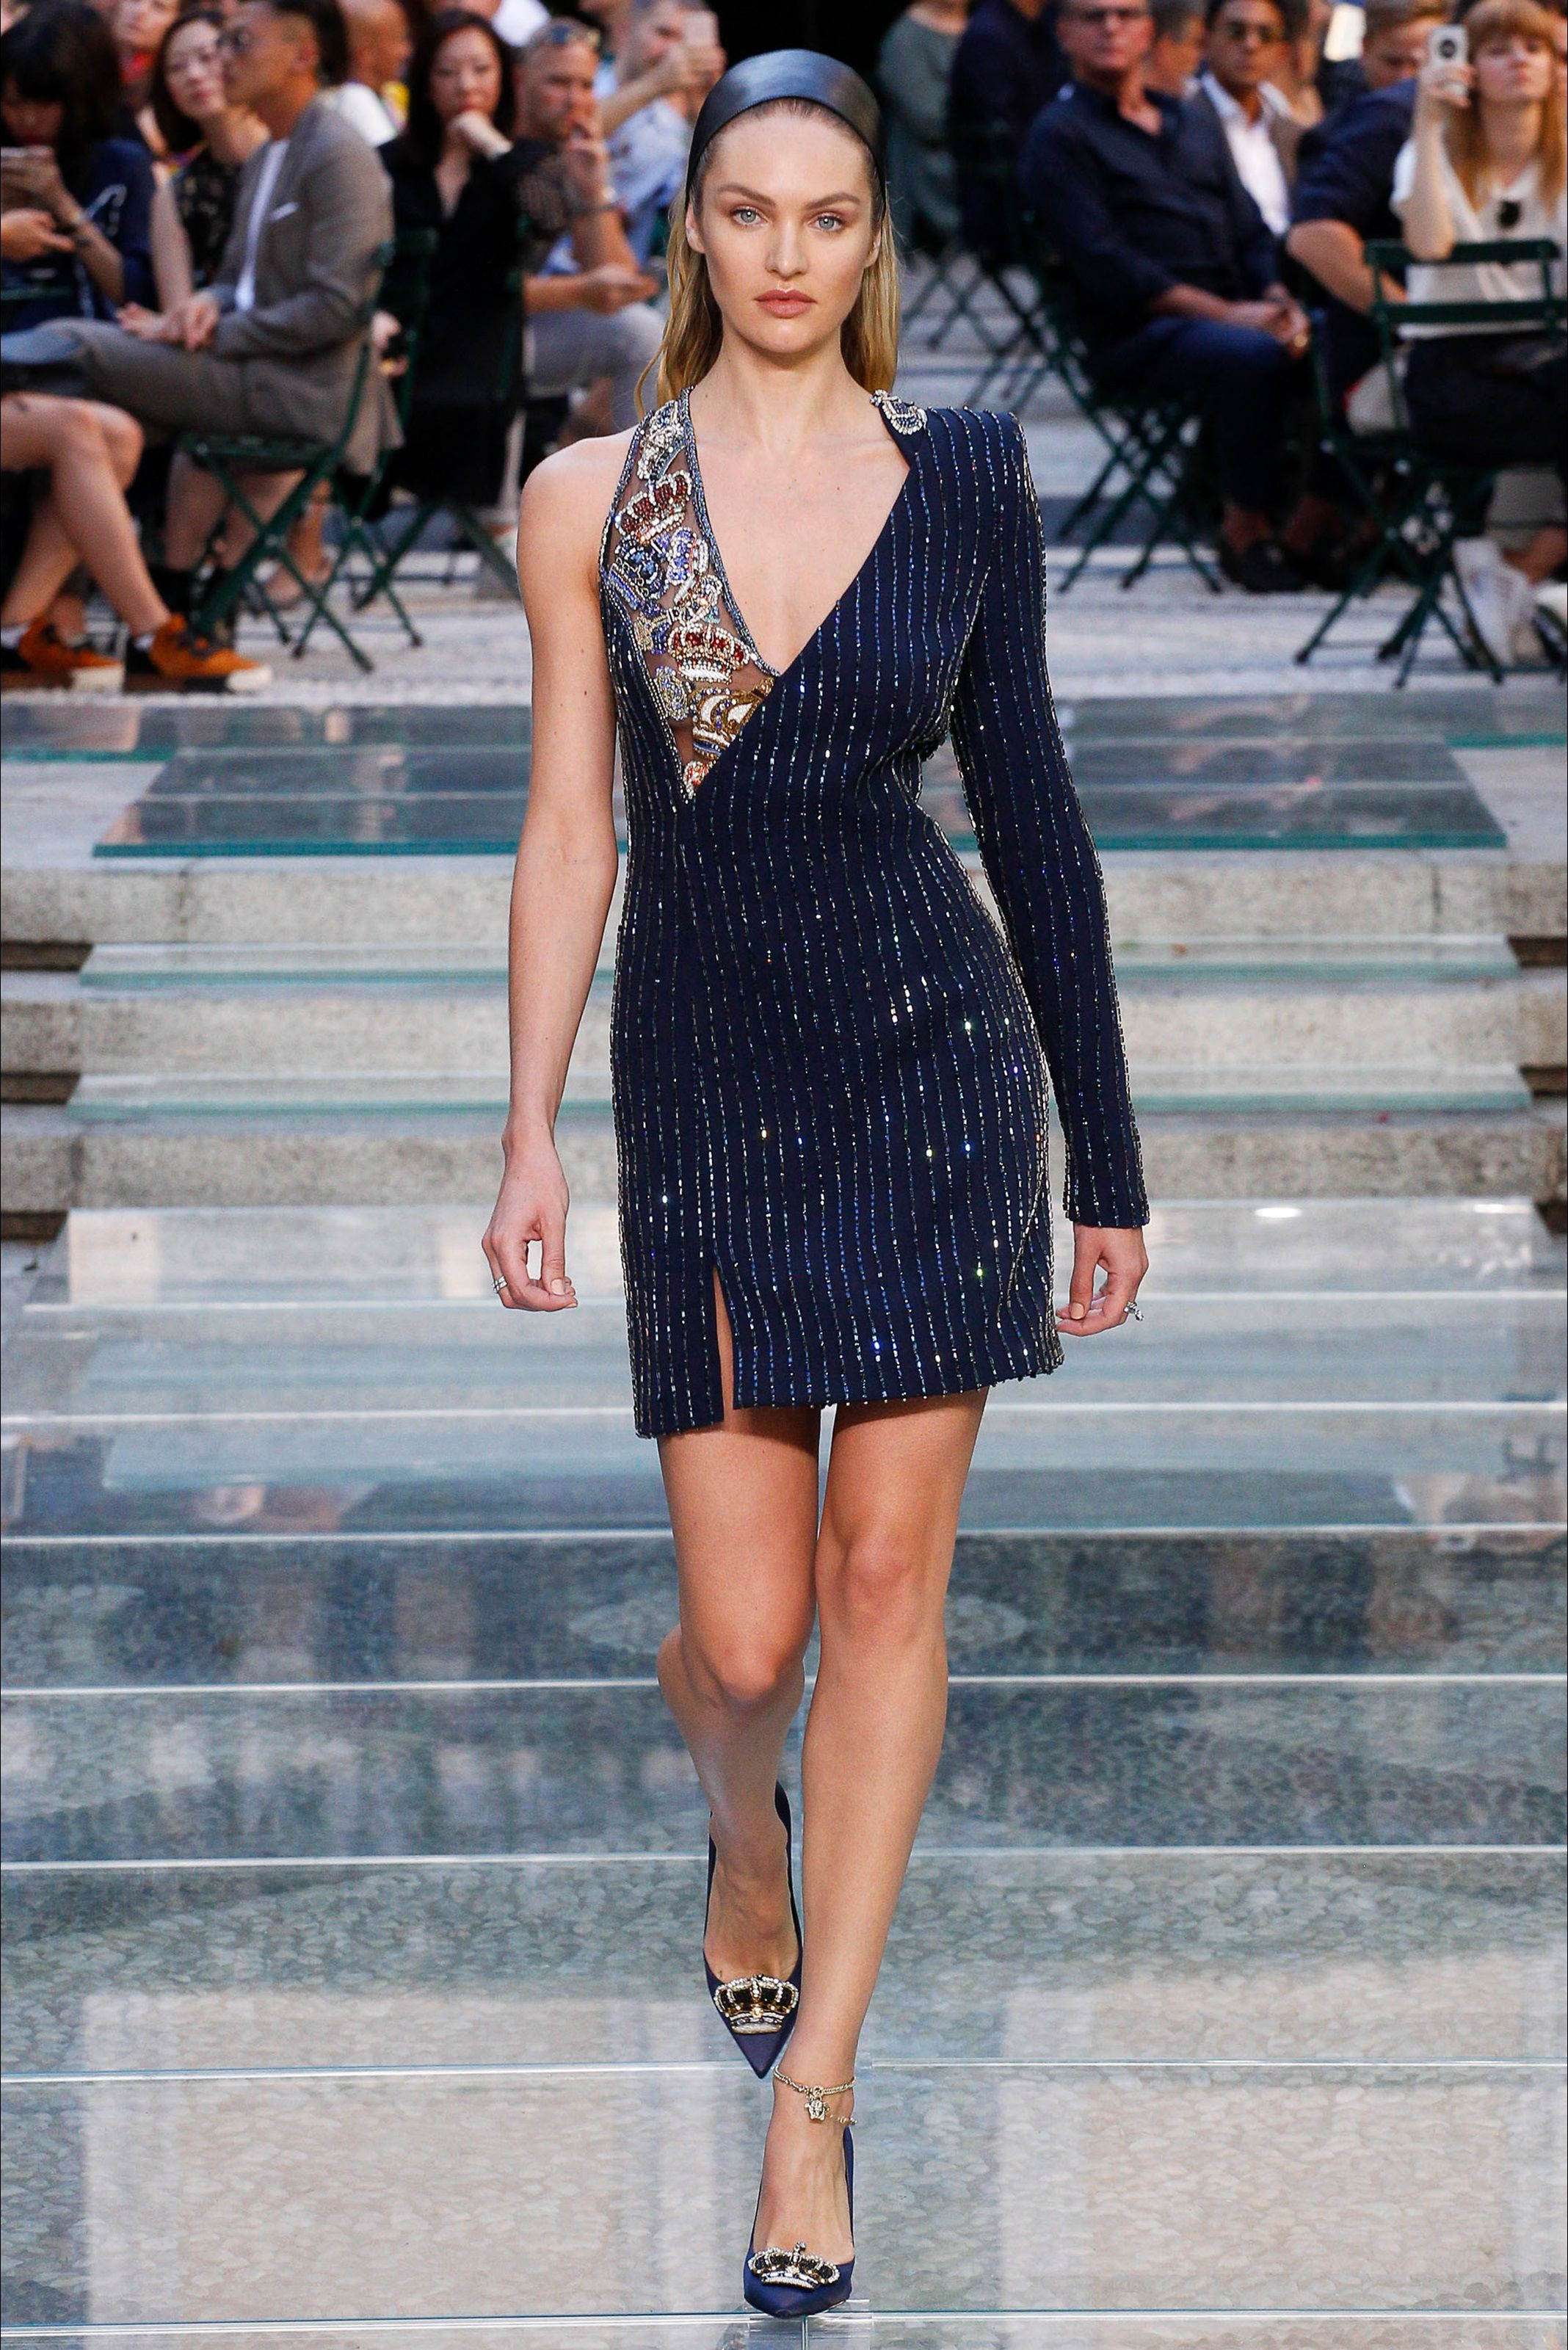 6f1901f7d2c4 Sfilata Moda Uomo Versace Milano - Primavera Estate 2018 - Vogue ...